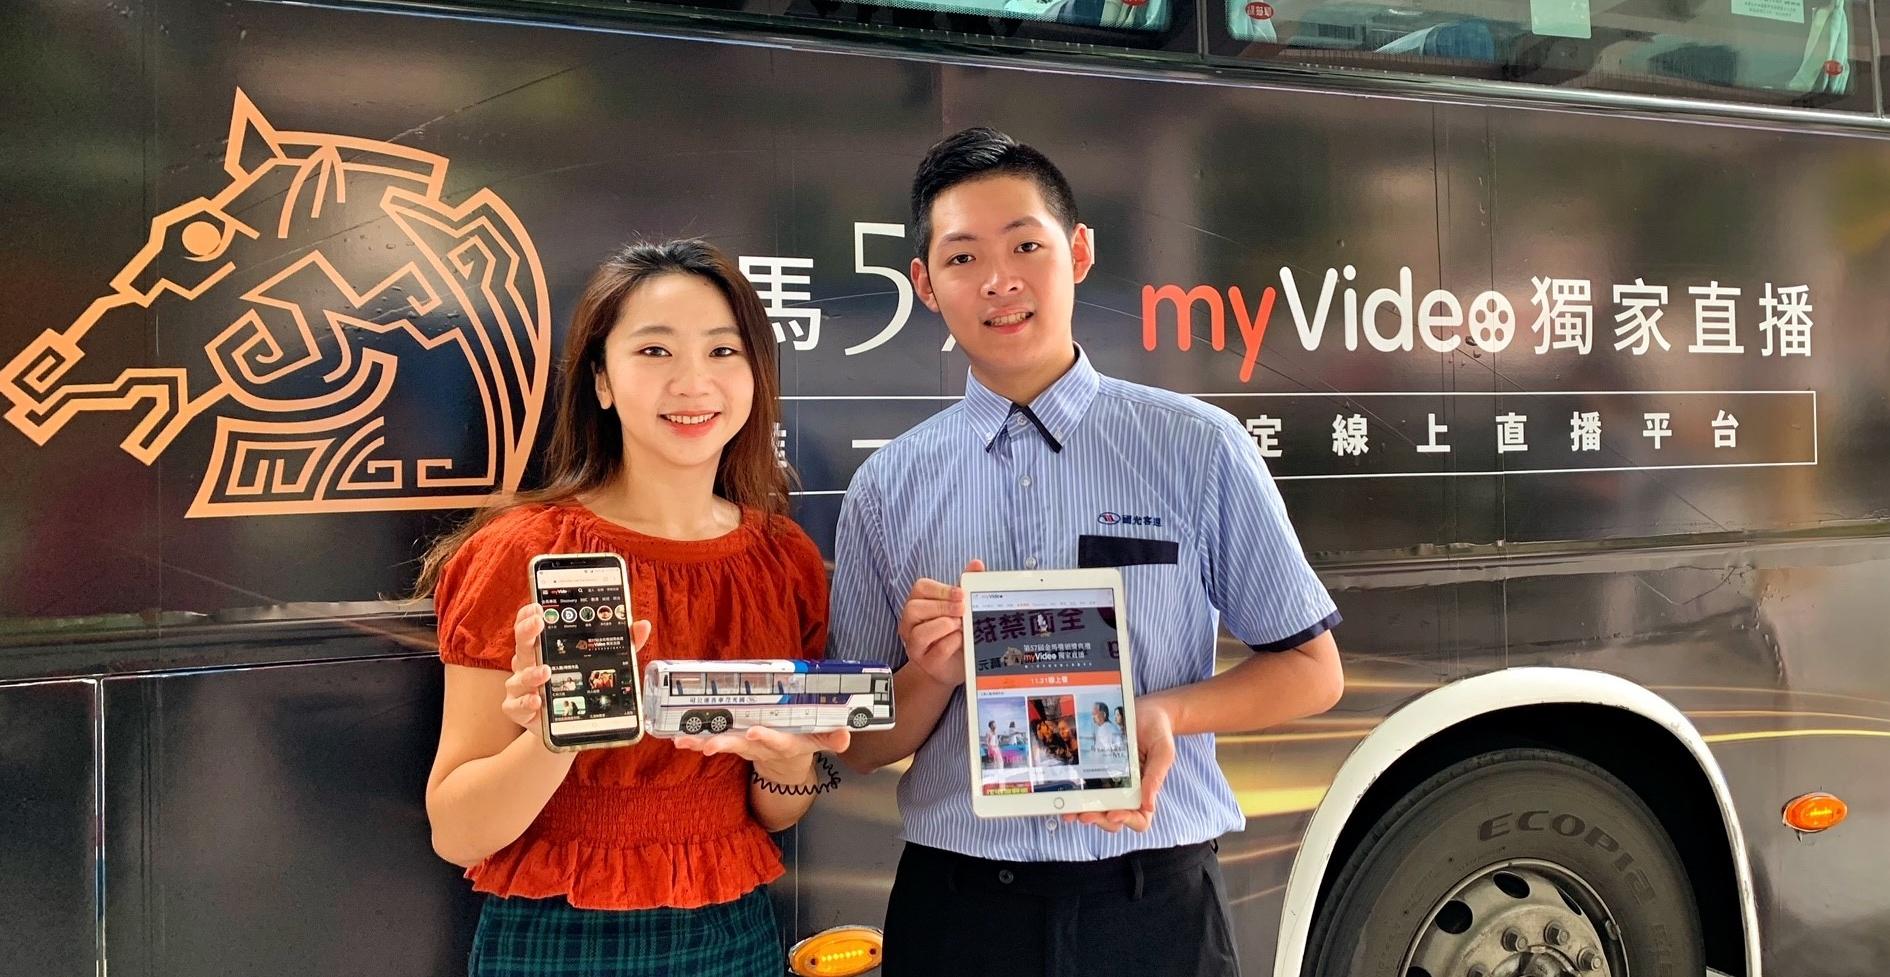 迎接金馬獎!國光客運和 myVideo 合作,搭指定客運路線享 14 天免費看金馬線上影展序號